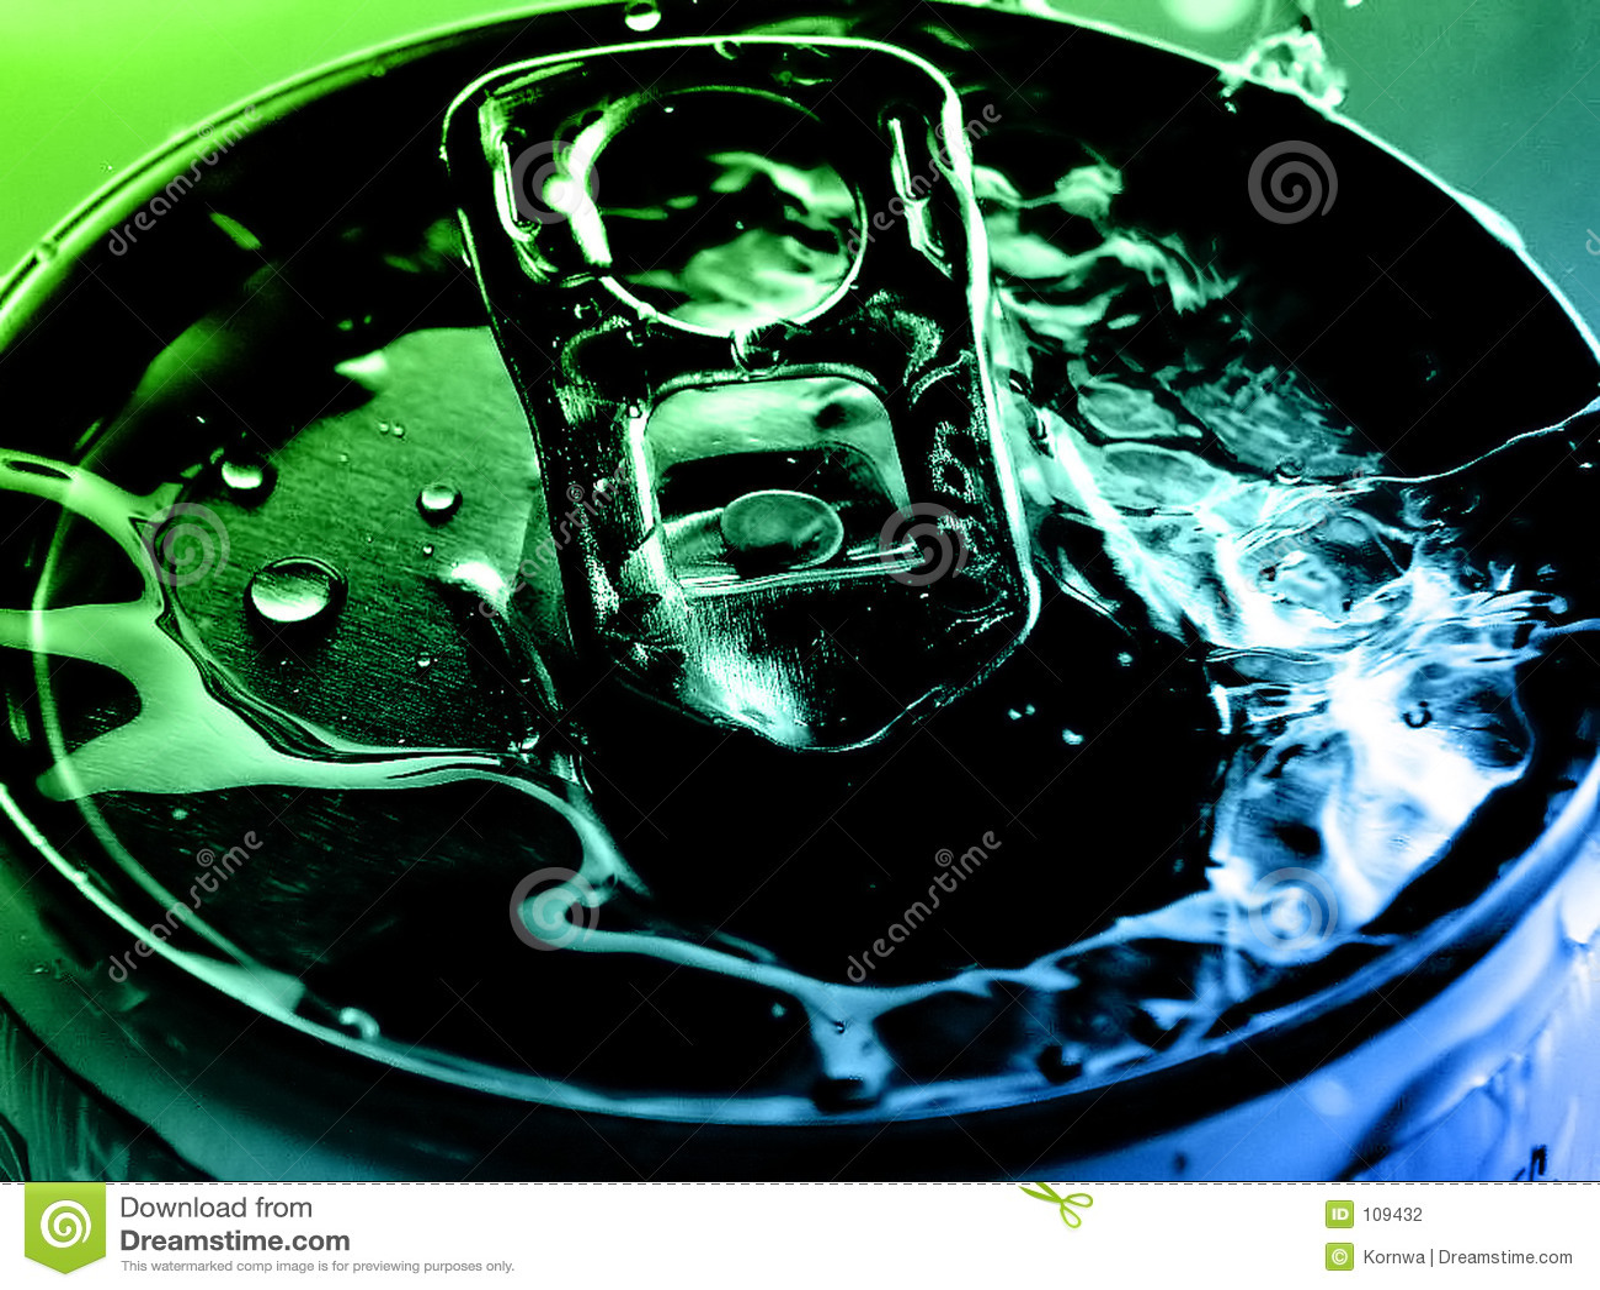 Tin water